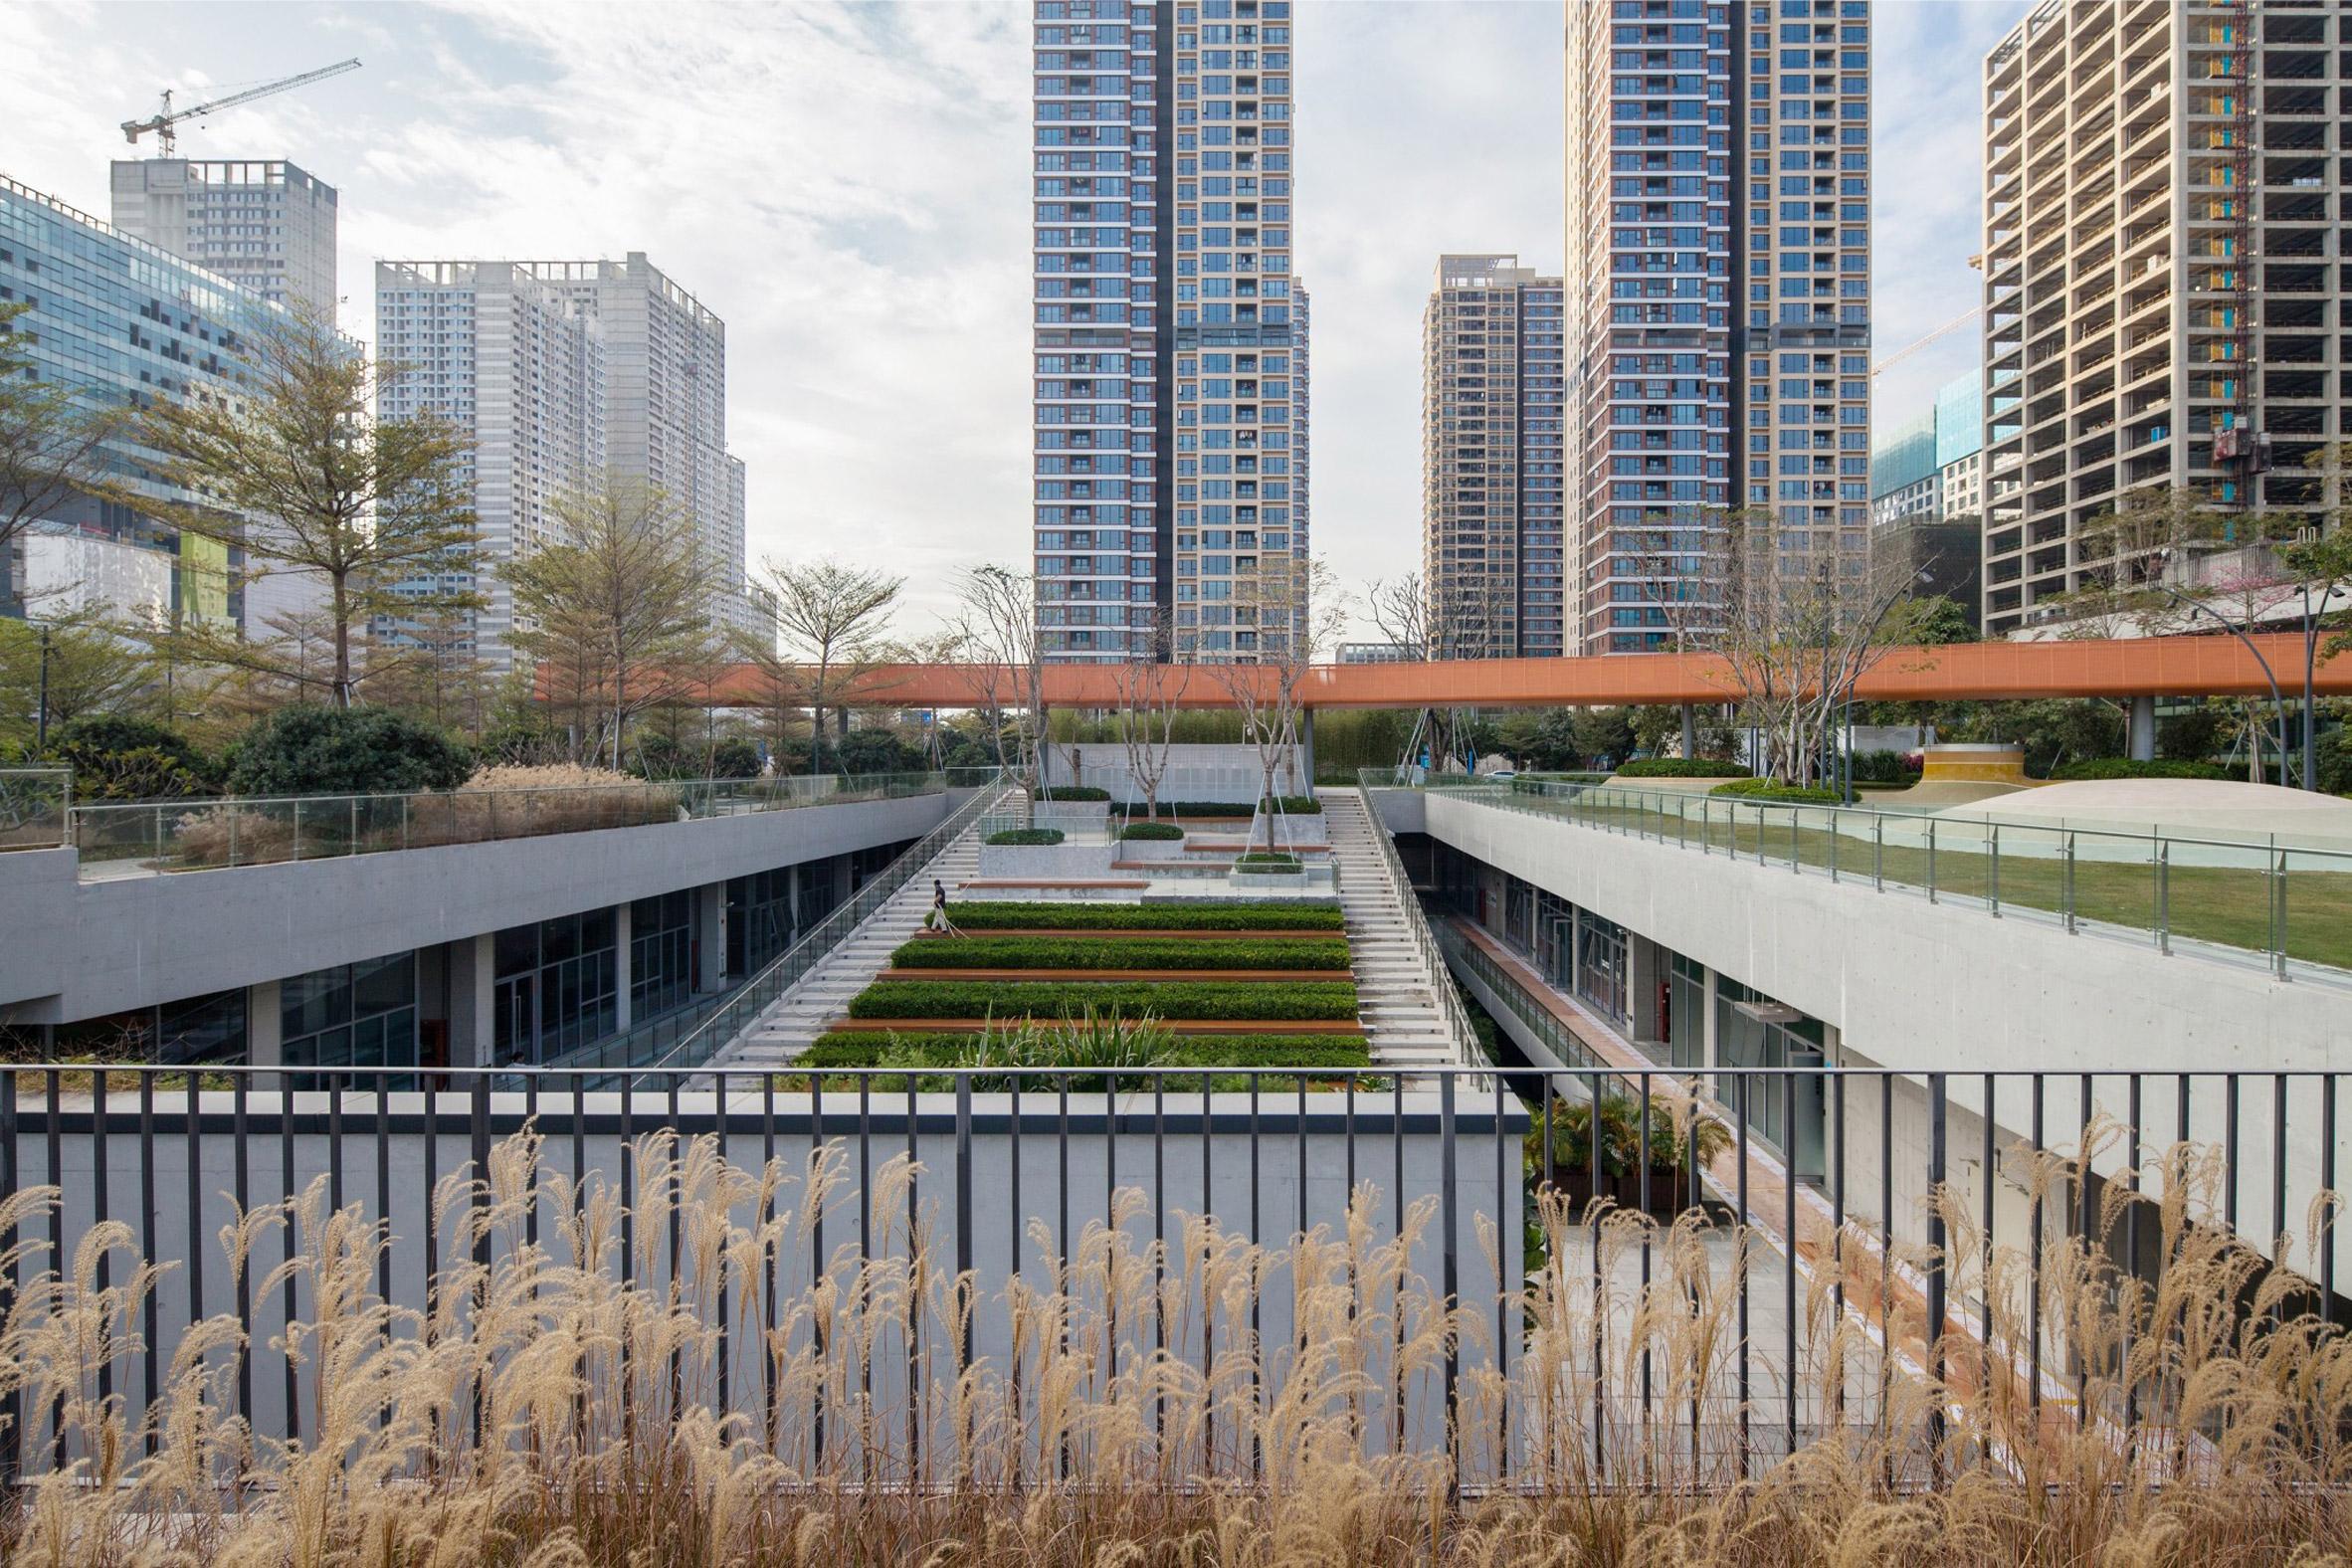 Thiết kế cảnh quancông viên cây xanh 4